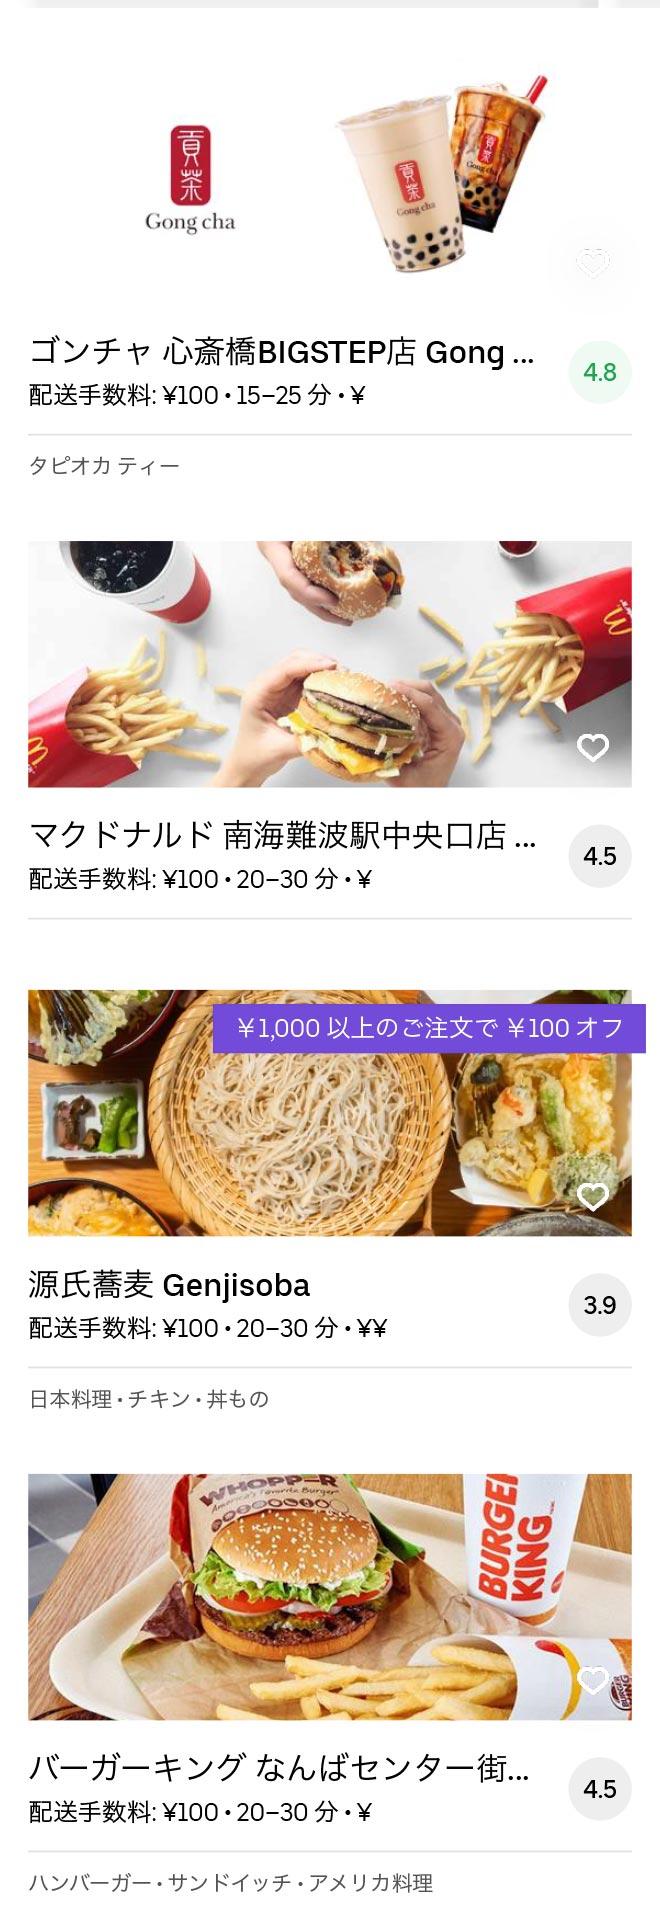 Osaka nanba menu 2005 02